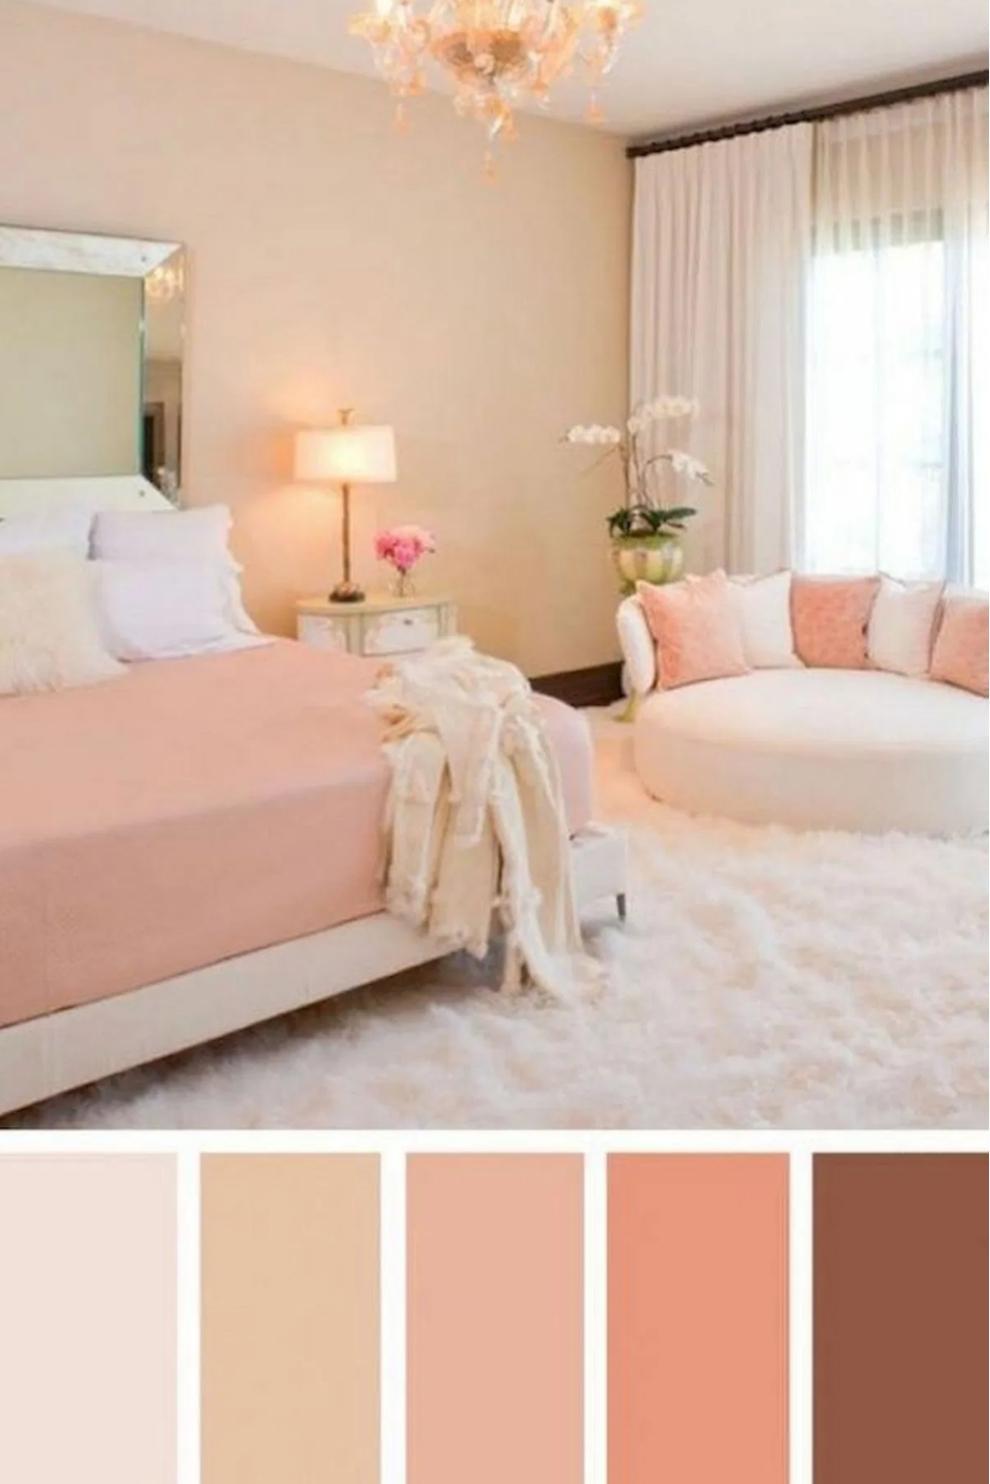 Barevné kombinace nejen do ložnice. - Obrázek č. 19